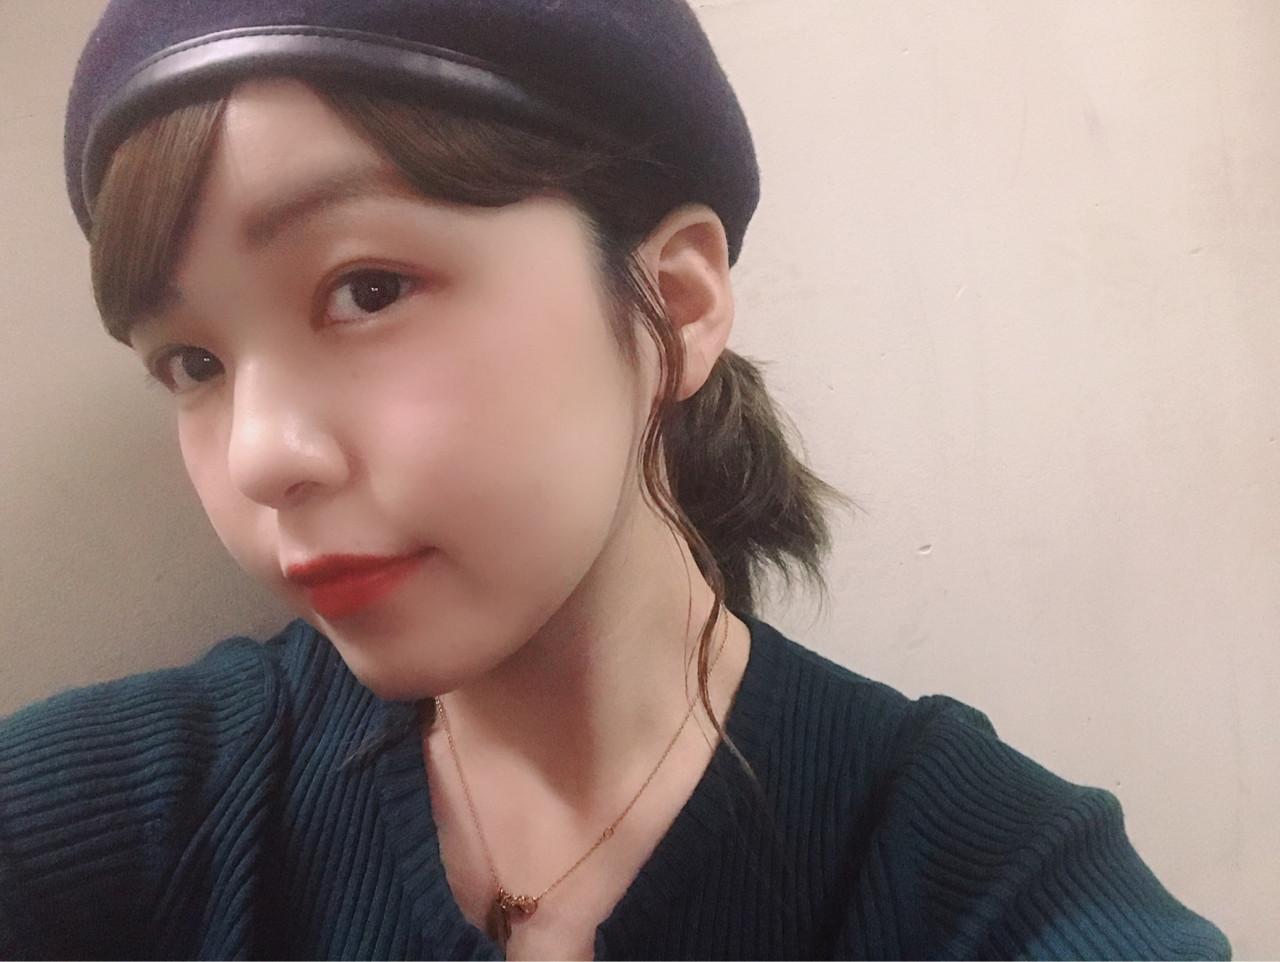 ミディアム ベレー帽 ガーリー 女子力 ヘアスタイルや髪型の写真・画像